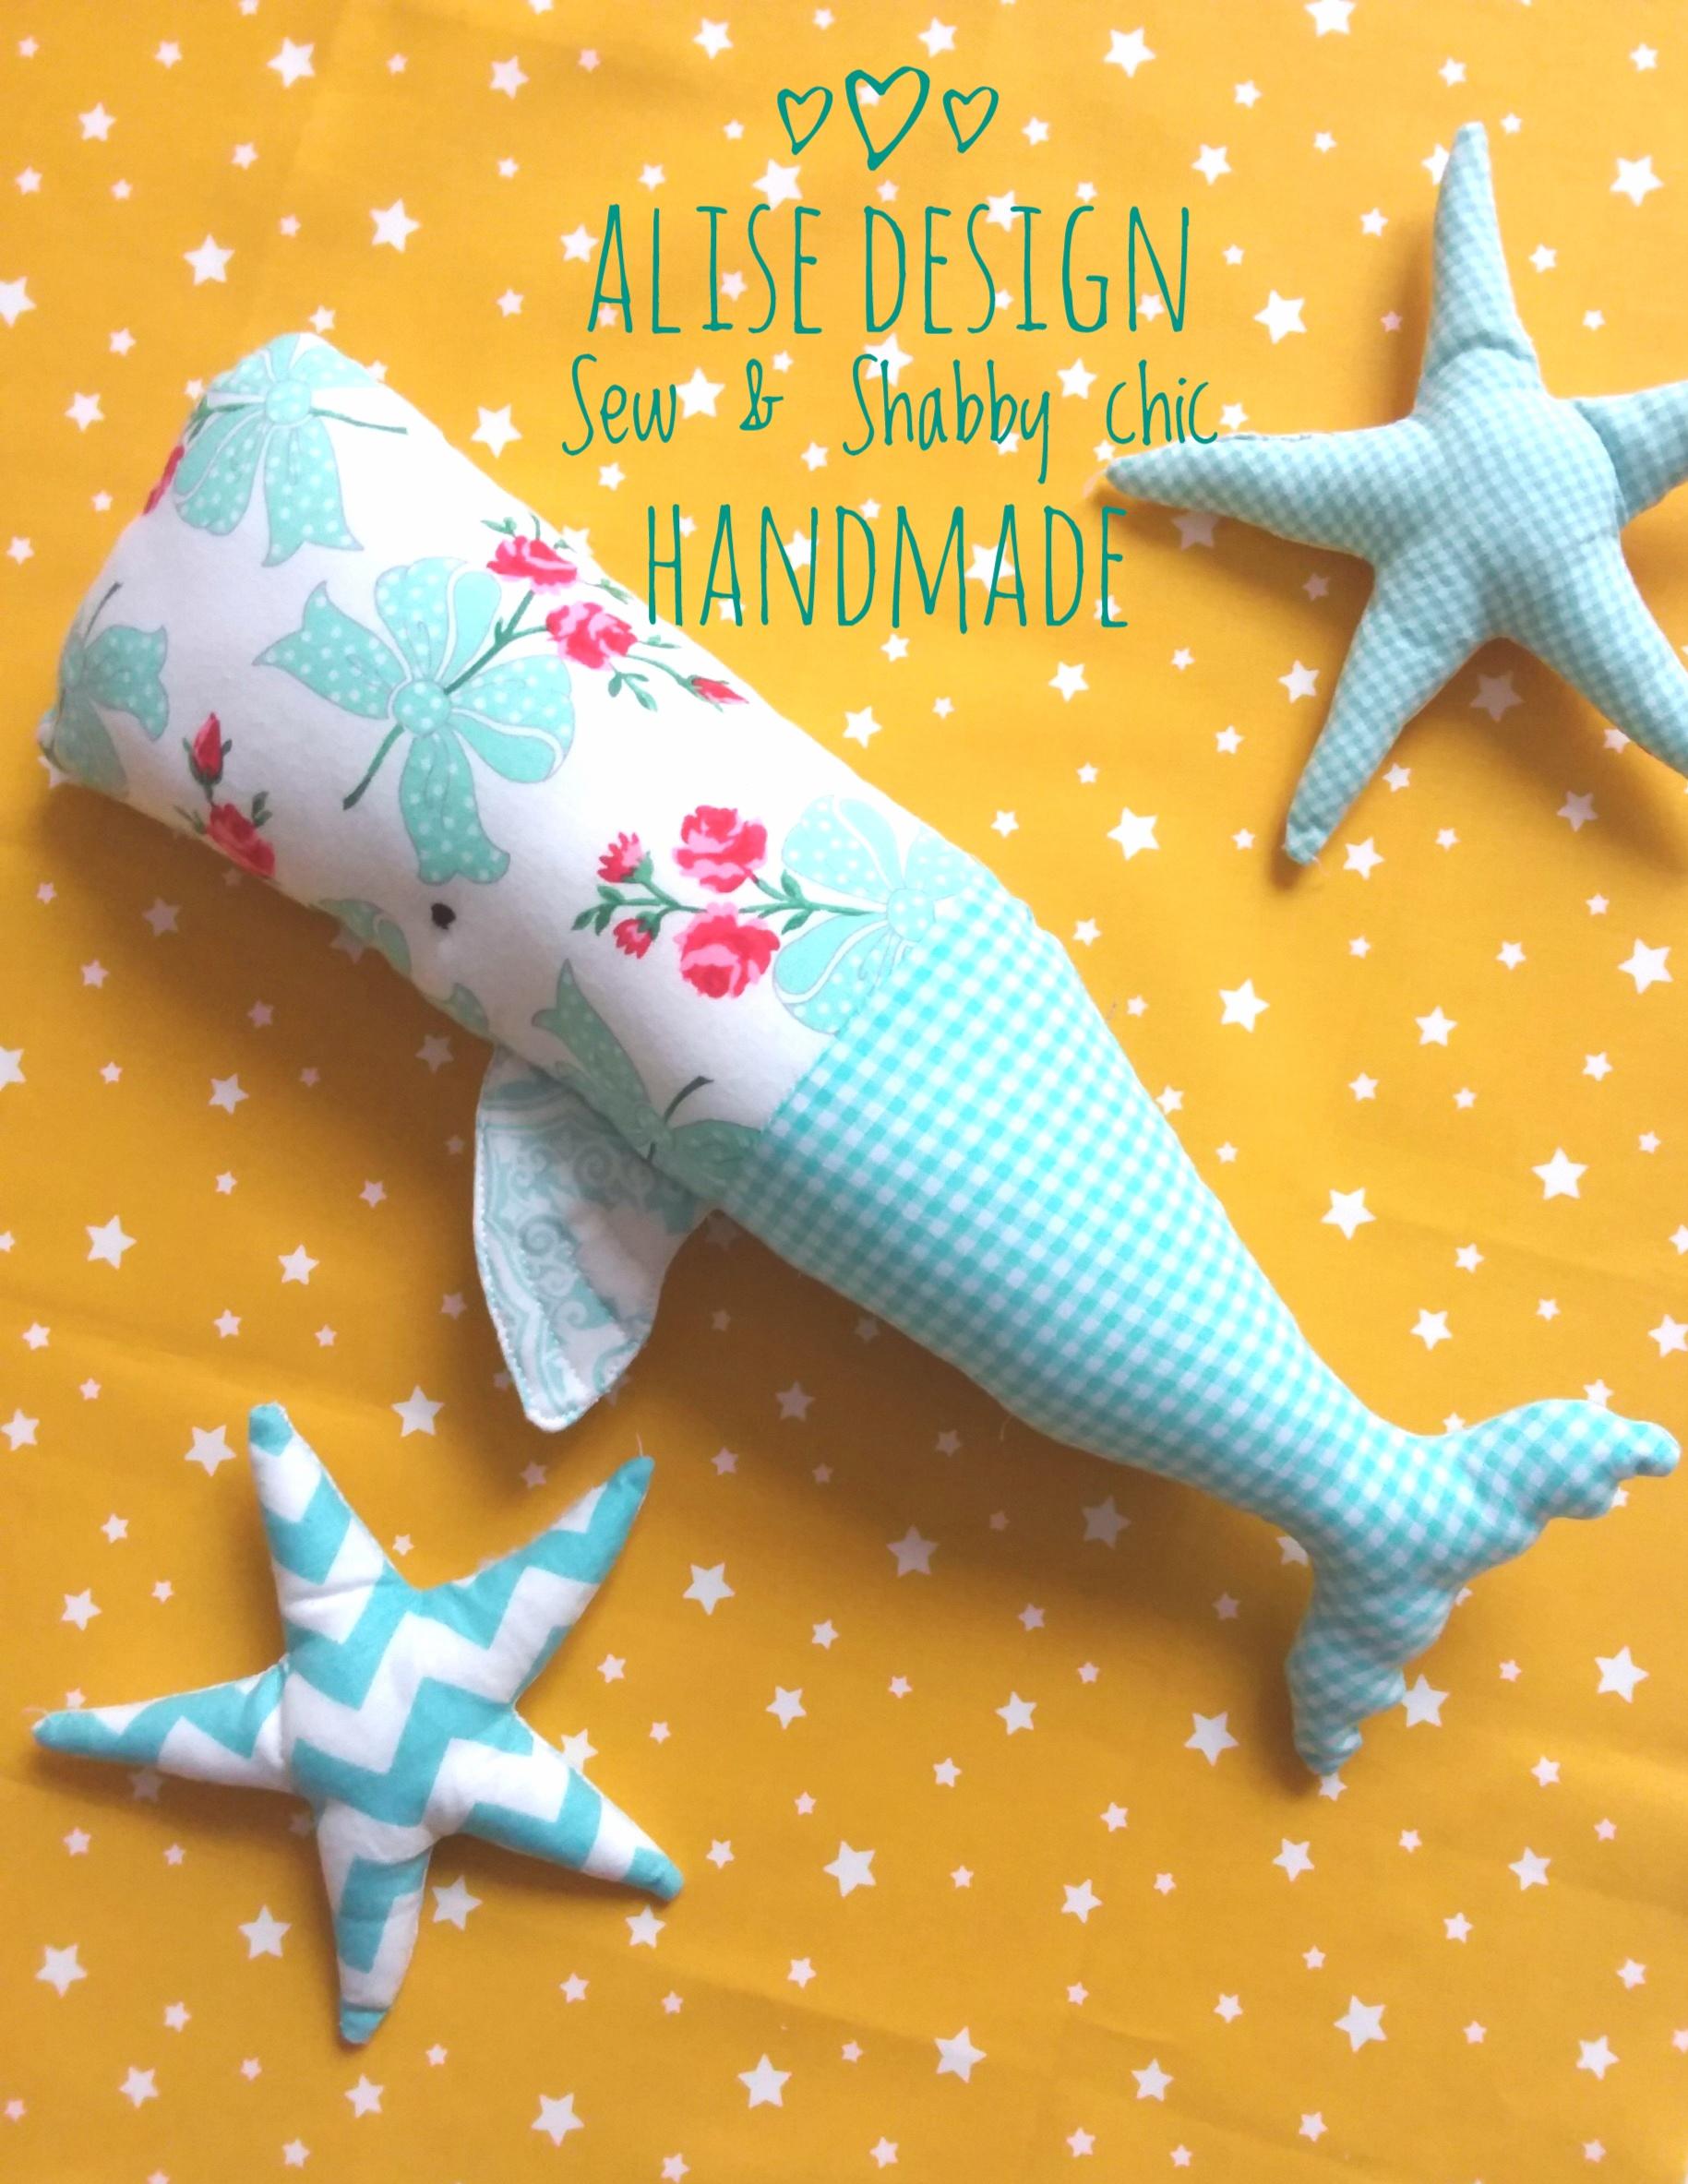 Alisa Design, sew & shabby chic